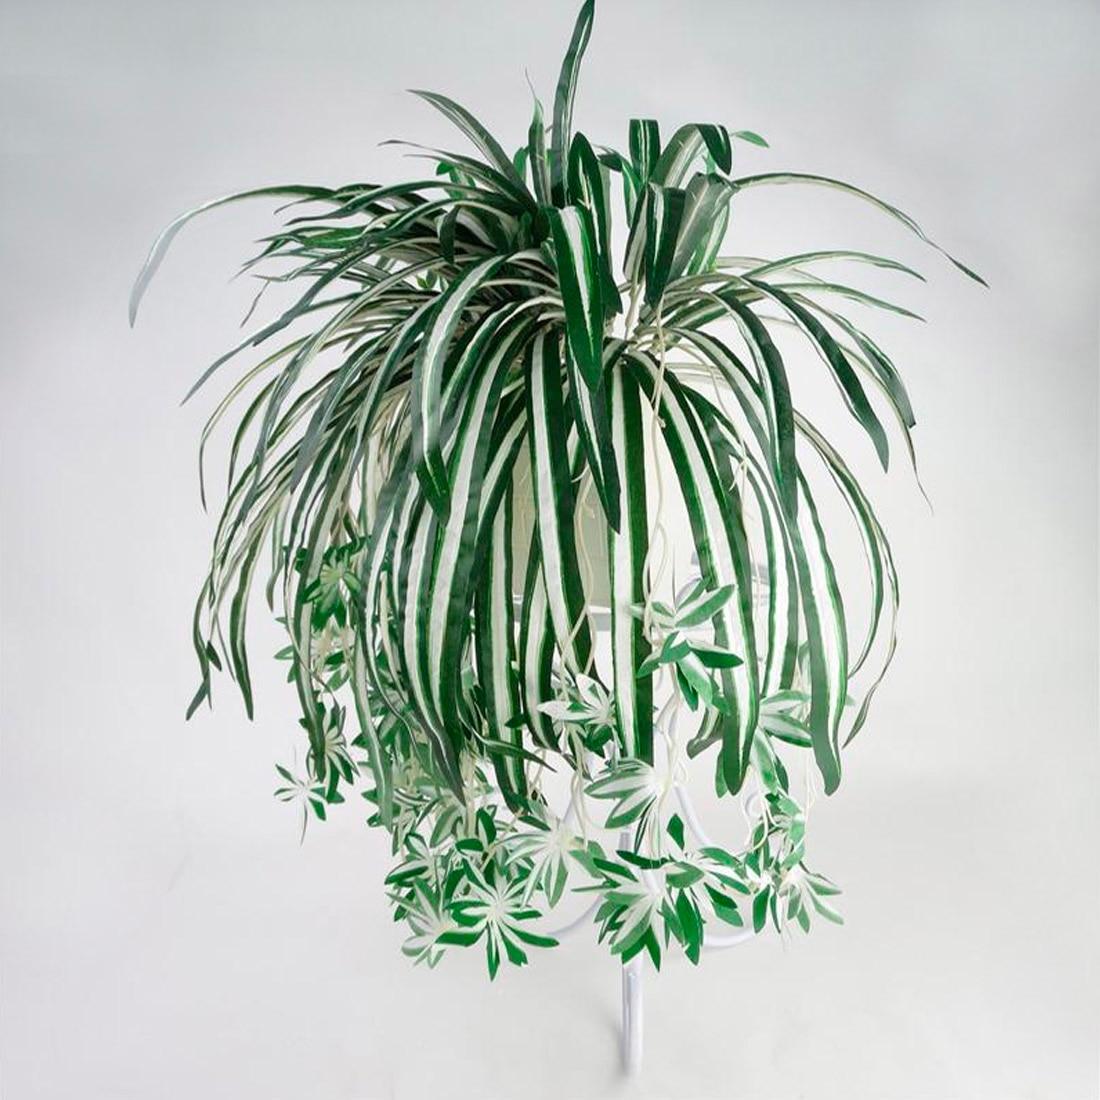 1 шт., 66 см, 5 вилок, искусственные цветы орхидеи, растения, на стену, хлорфитум, горшечные Зеленые растения, имитация цветов для дома, Декор|Искусственные и сухие цветы|   | АлиЭкспресс